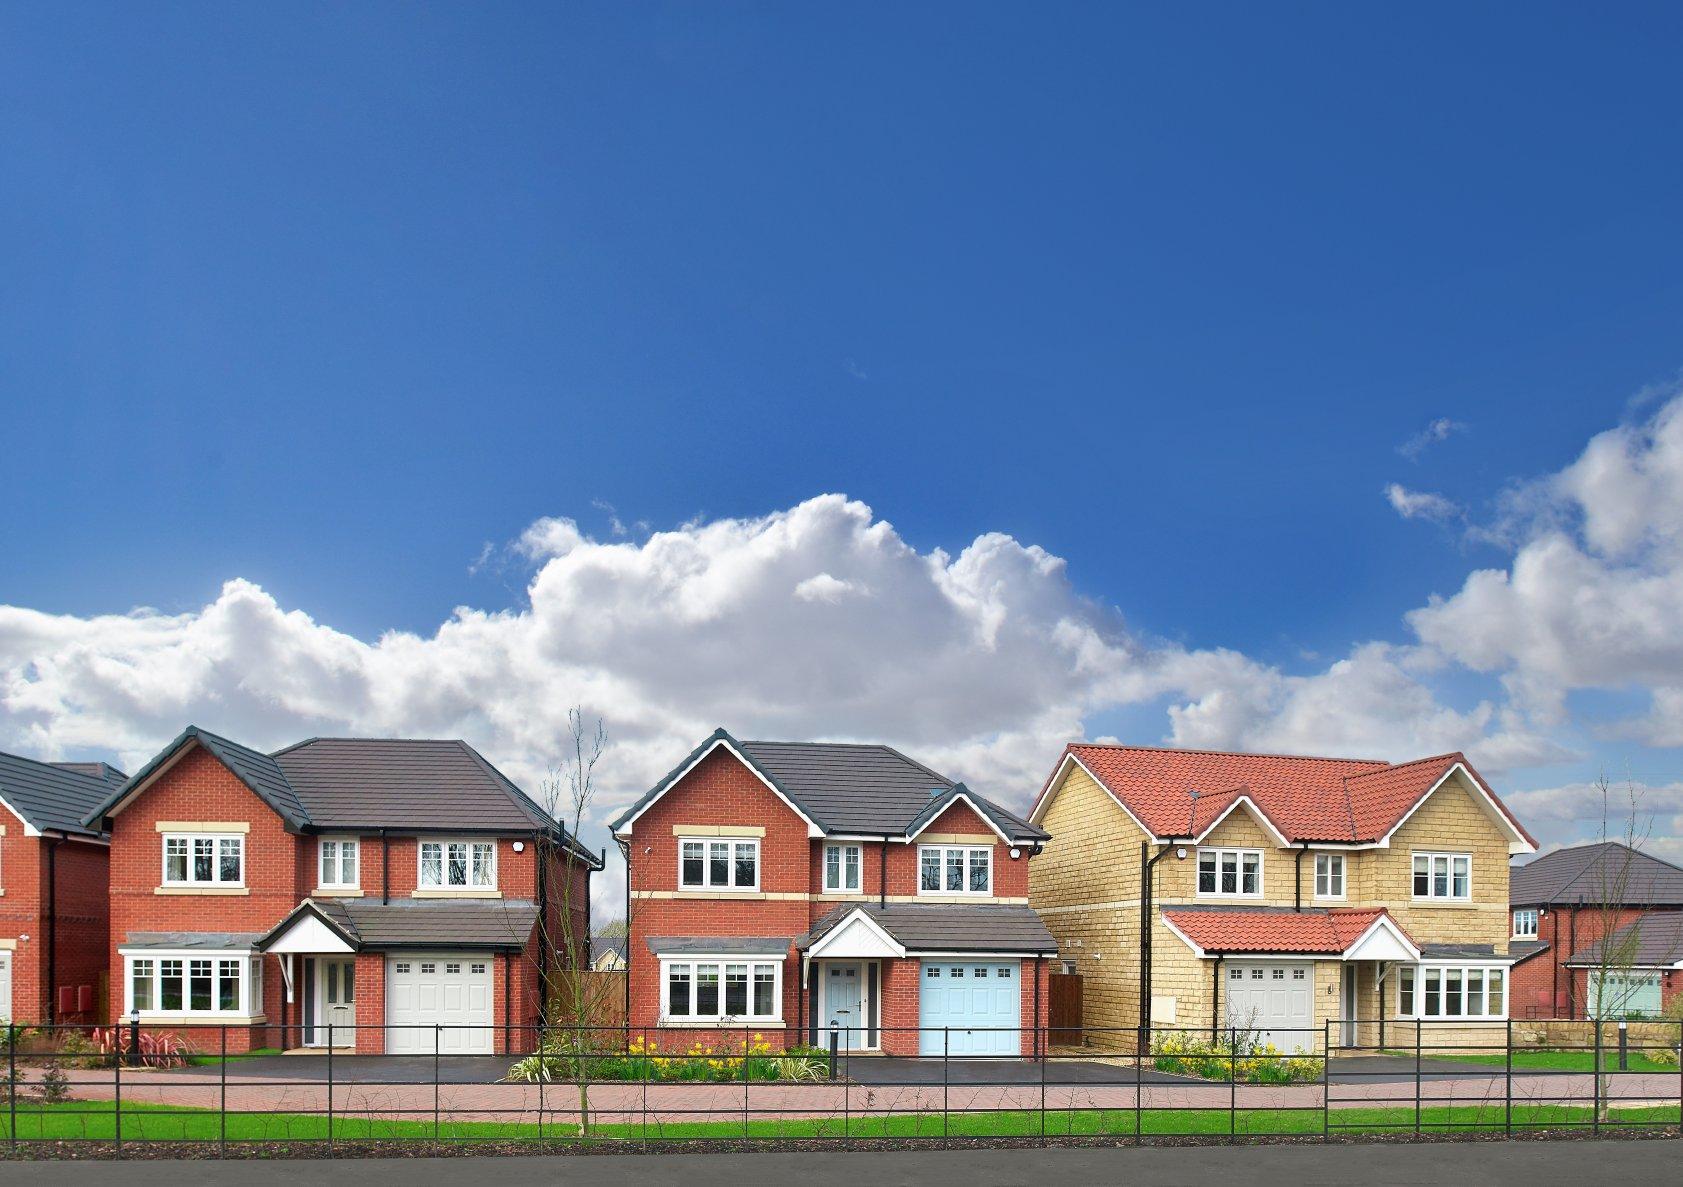 Sales increase as housebuilder meets growing demand for homes in lockdown